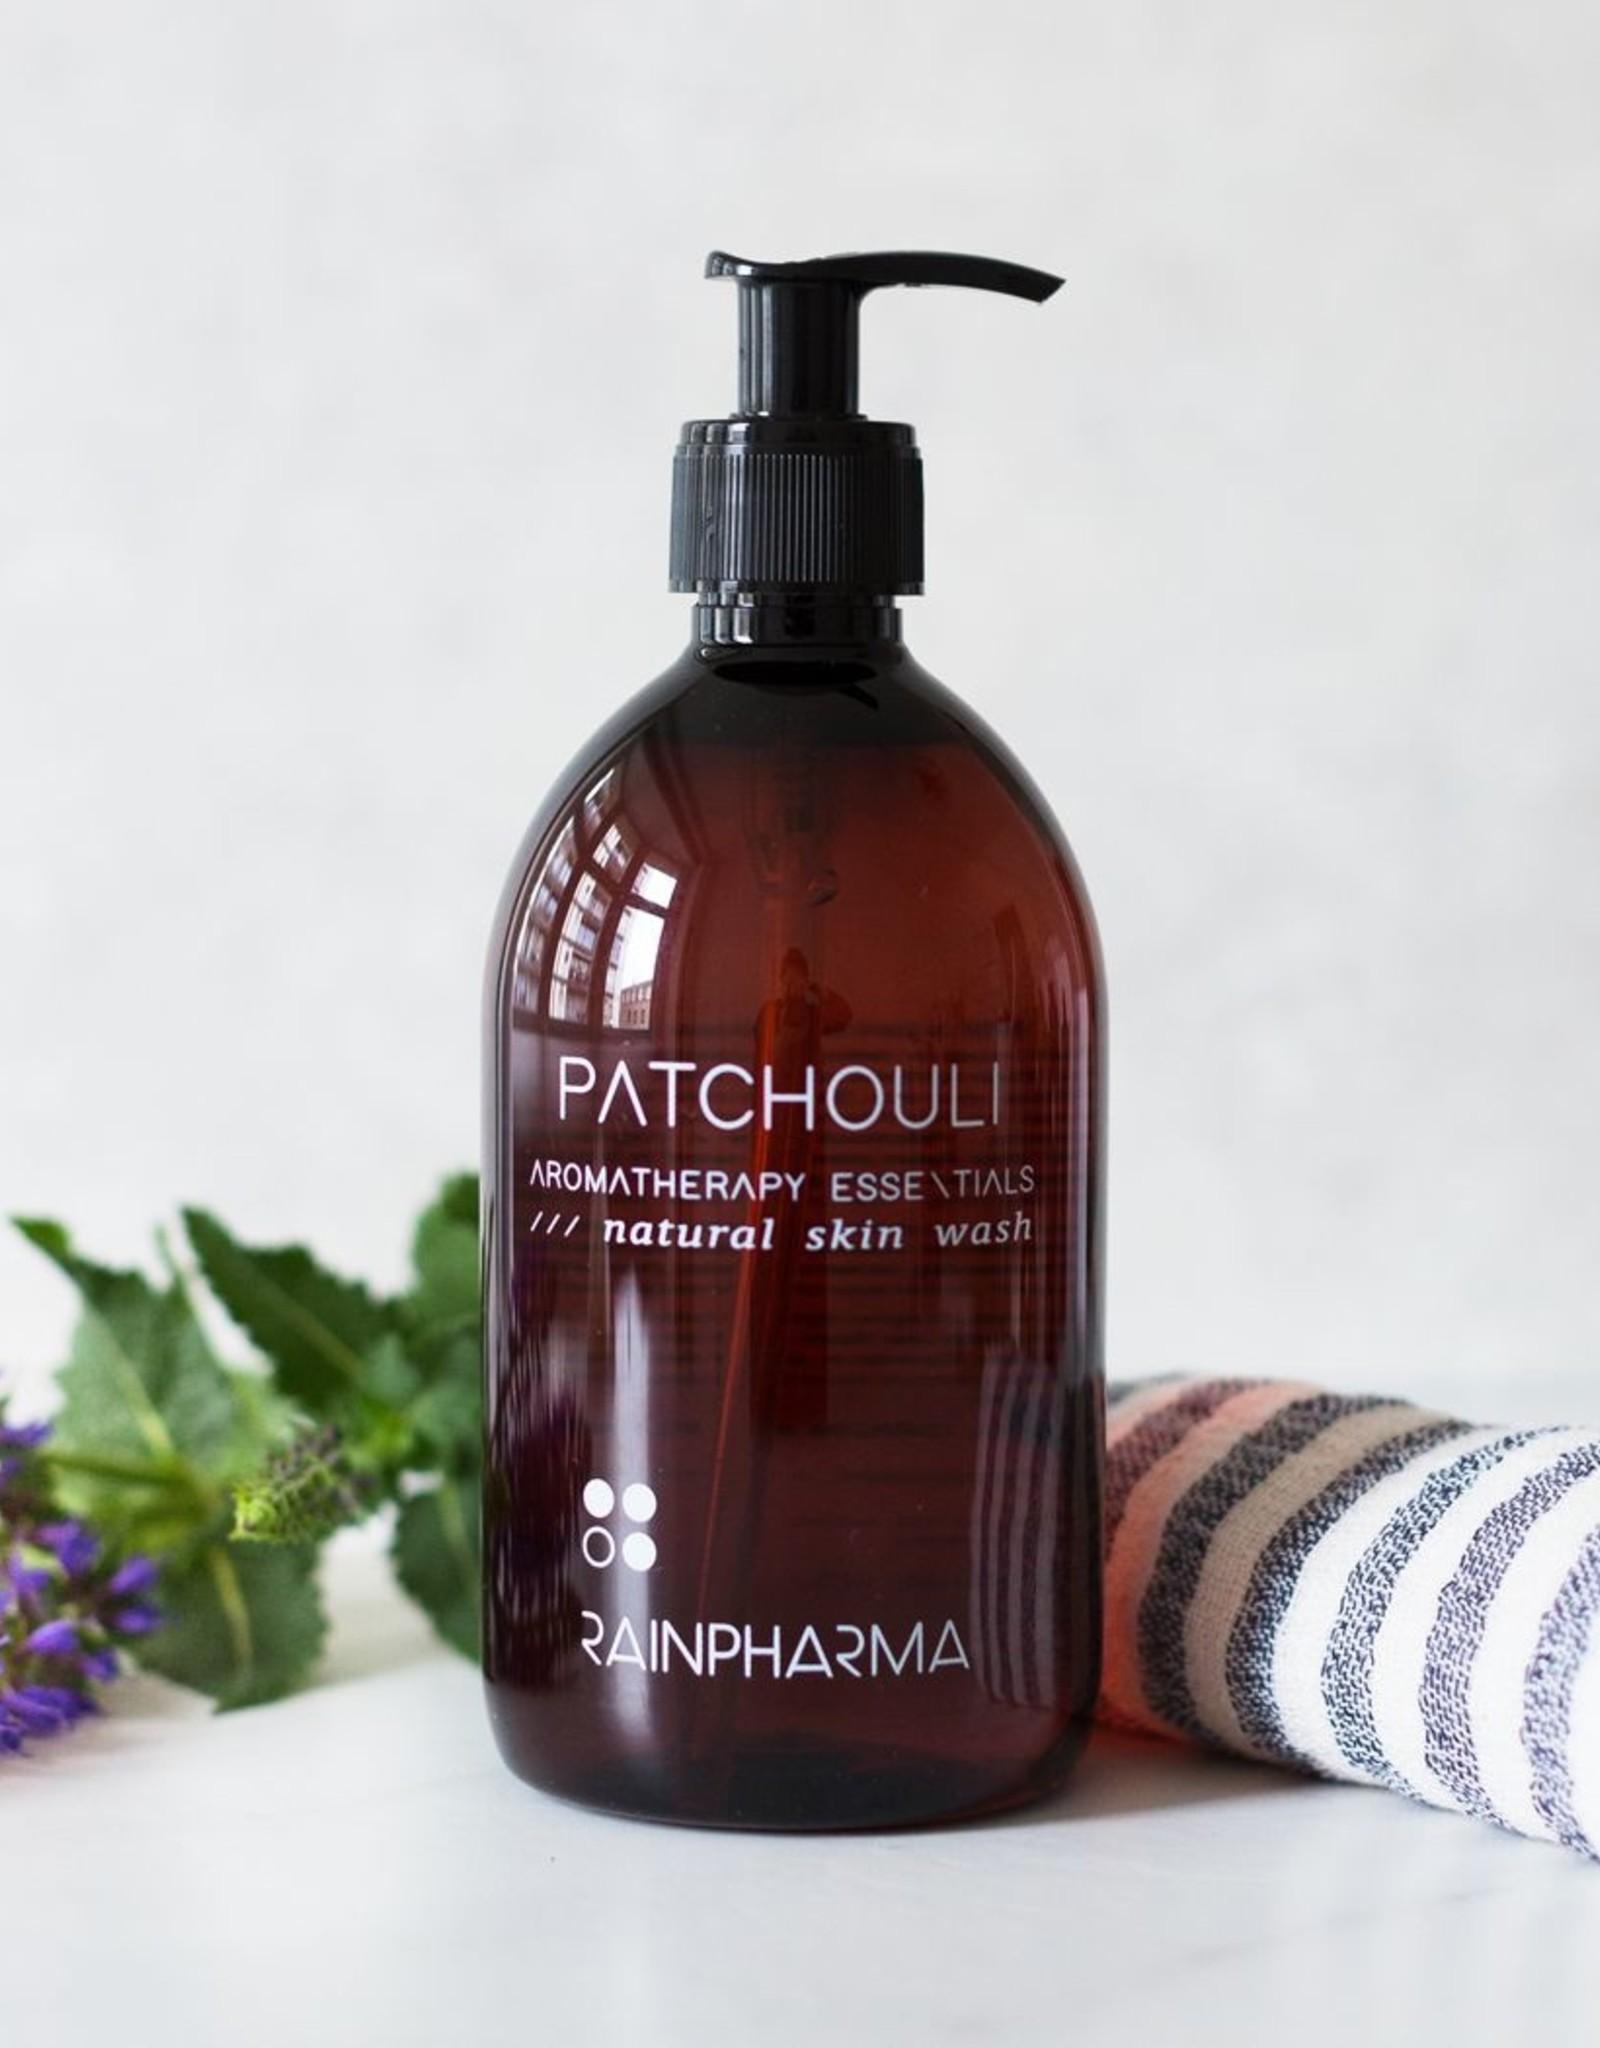 RainPharma Skin Wash Patchouli 500ml - Rainpharma